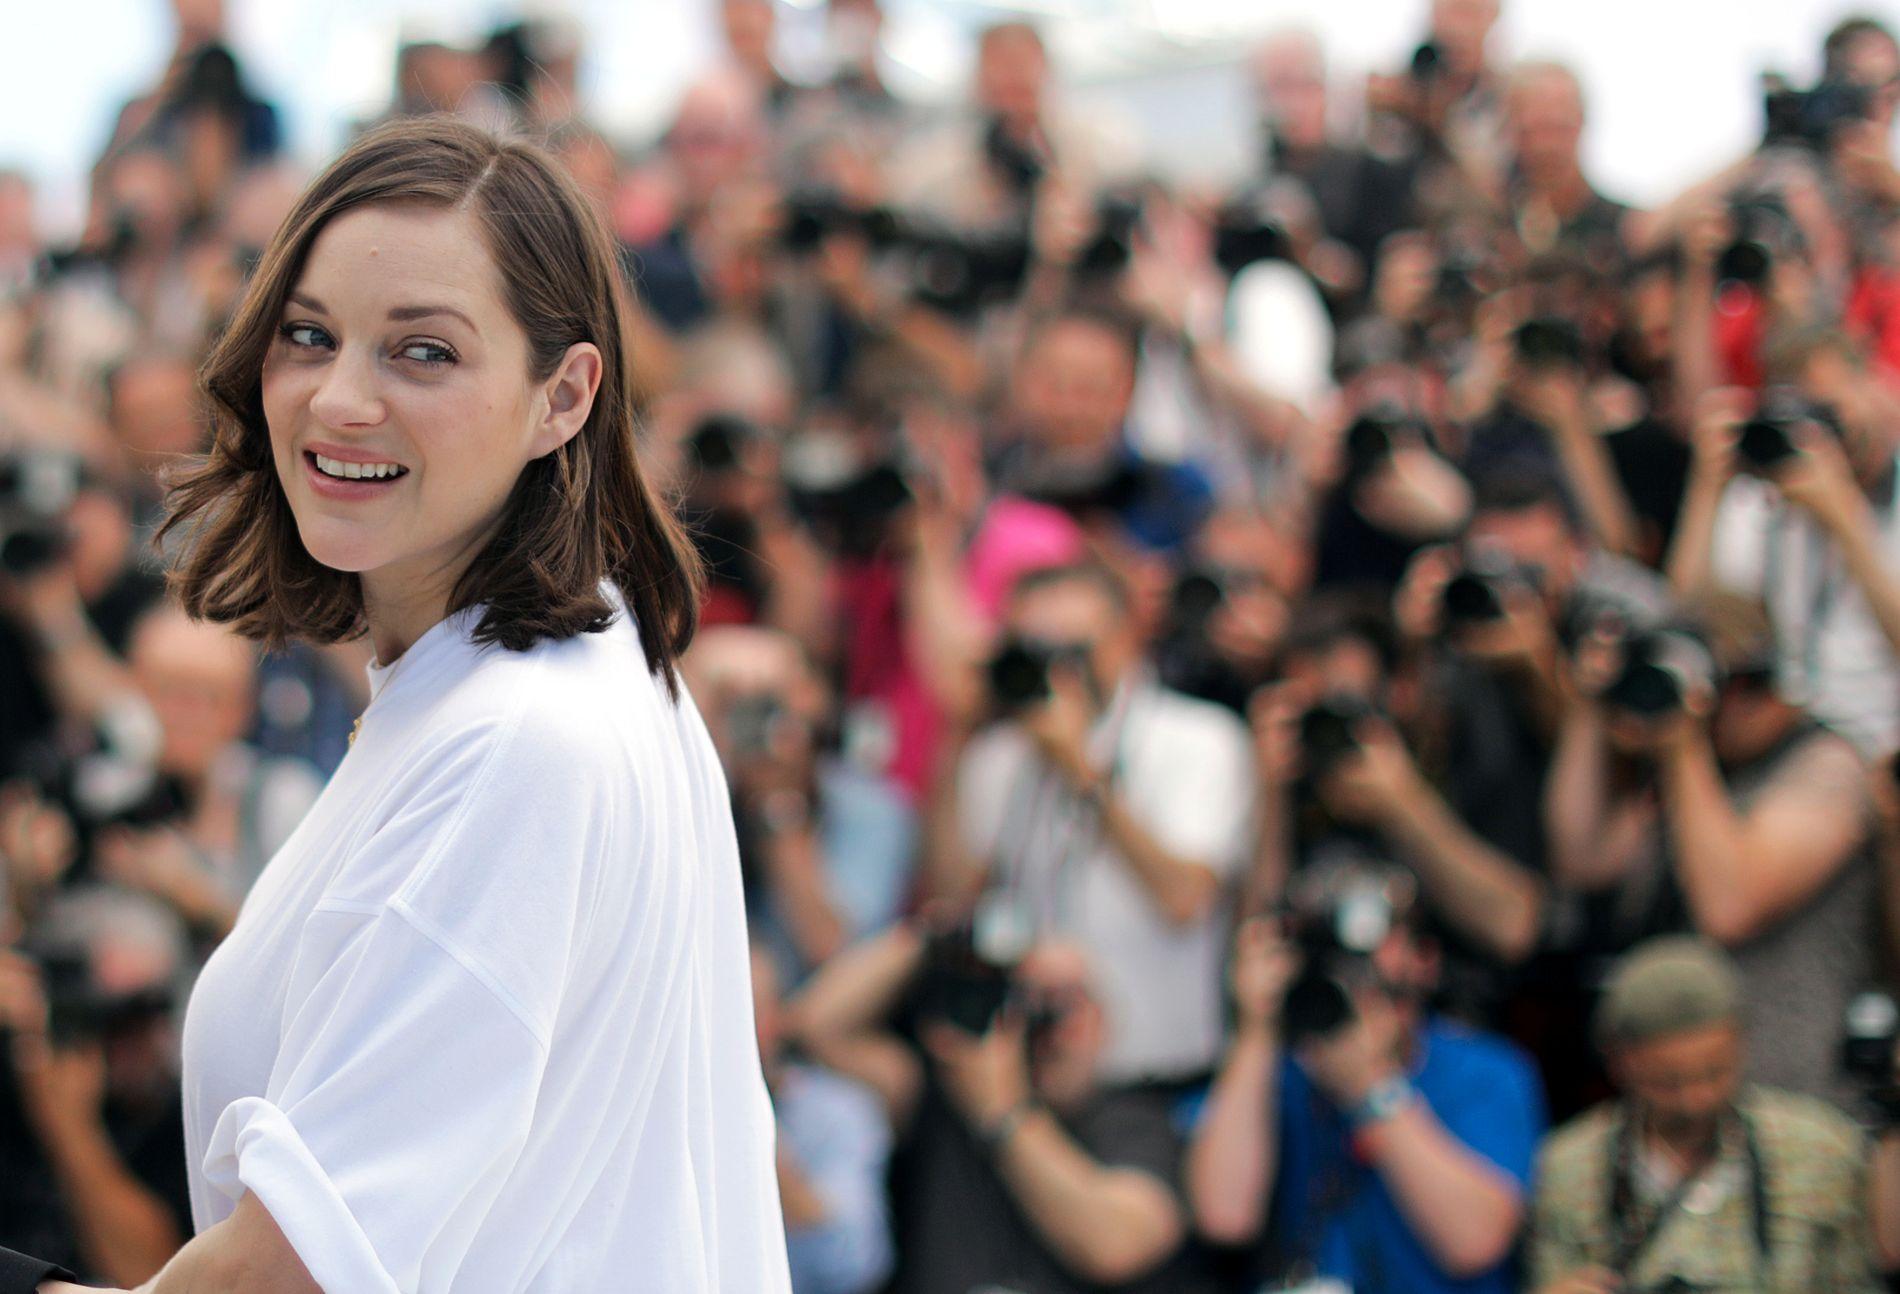 ÅPNER: Marion Cotillard spiller en av hovedrollene i den franske åpningsfilmen «Ismaels spøkelse», som fikk en dårlig mottakelse av kritikerne. Men hun er en yndling hos fotografene i Cannes.